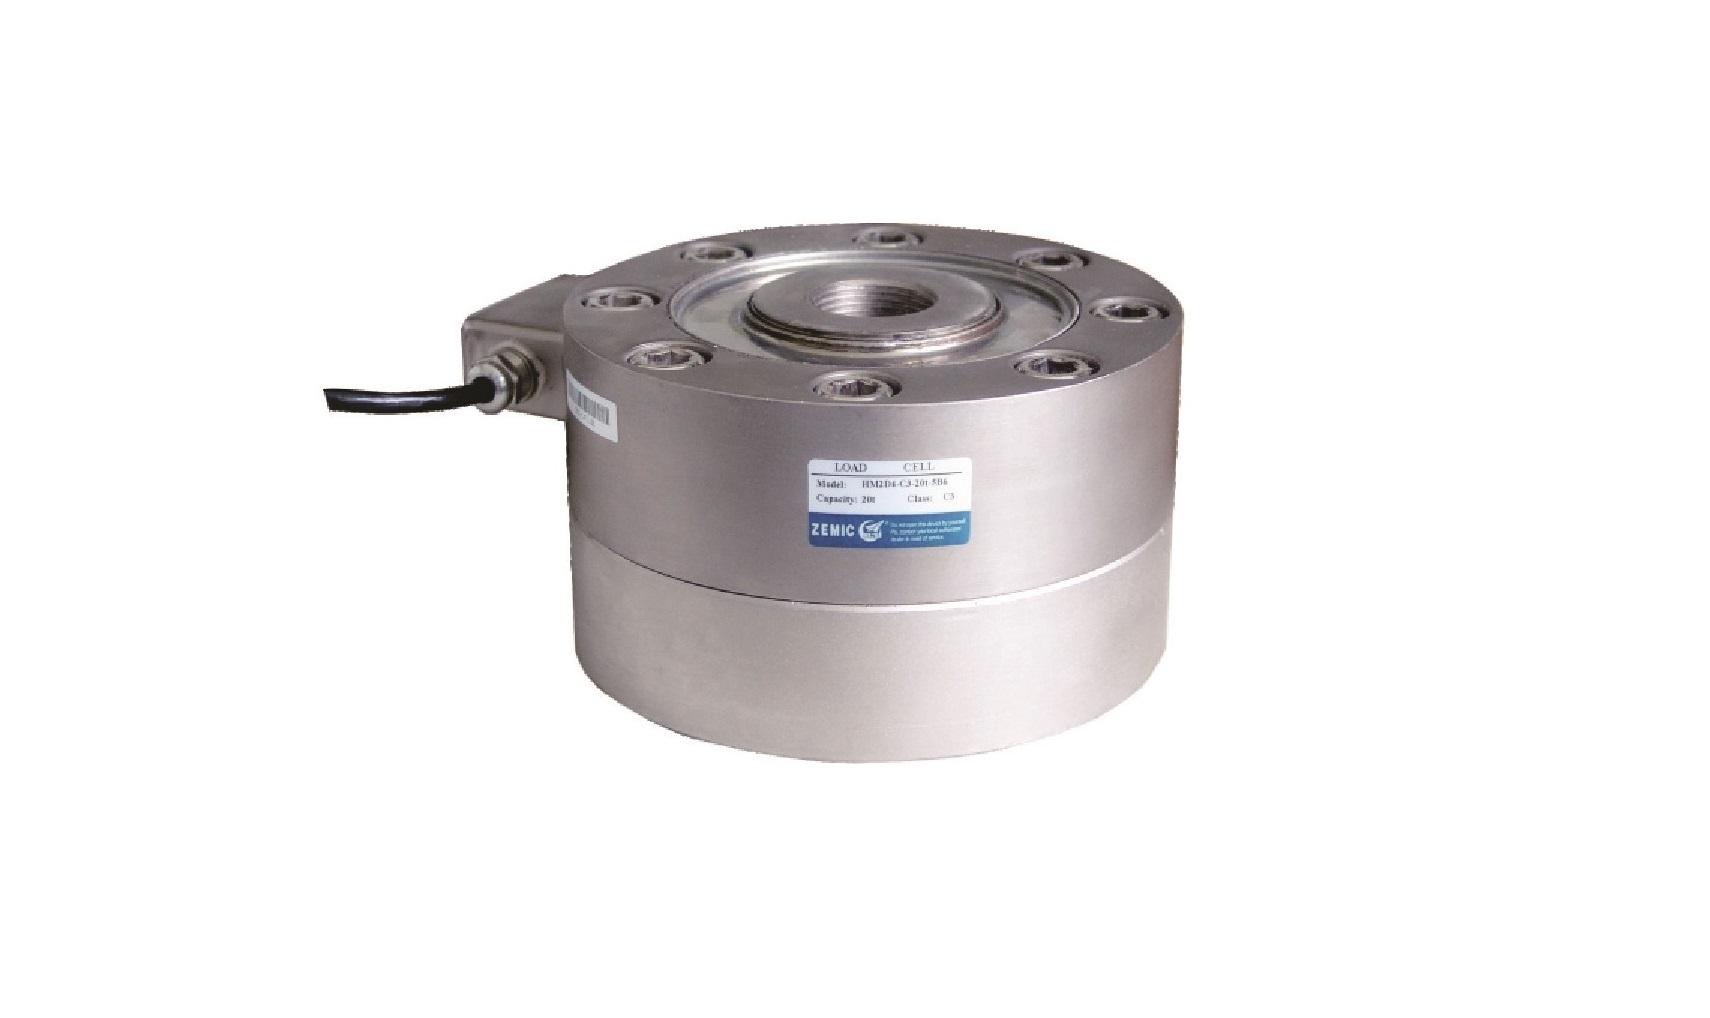 Тензометрический датчик мембранного типа HM2D4